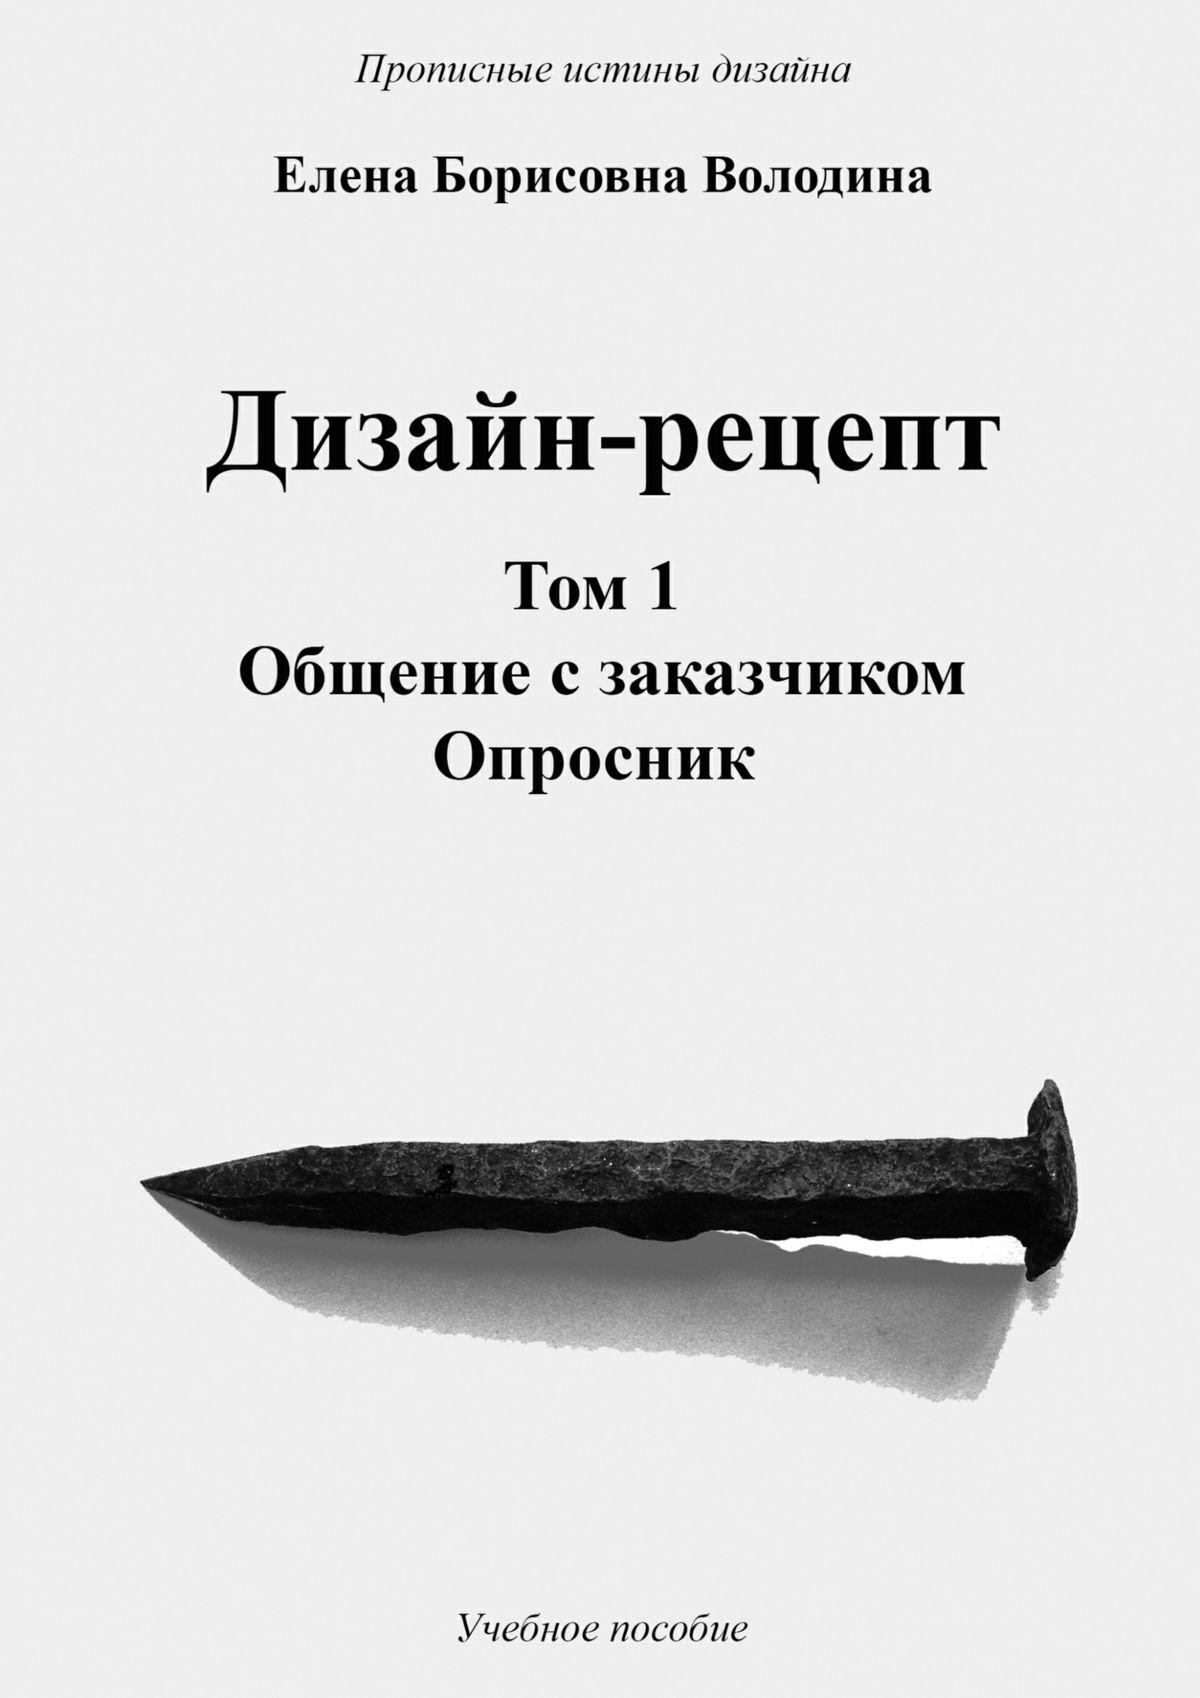 Елена Борисовна Володина Дизайн-рецепт. Том 1. Общение с заказчиком. Опросник